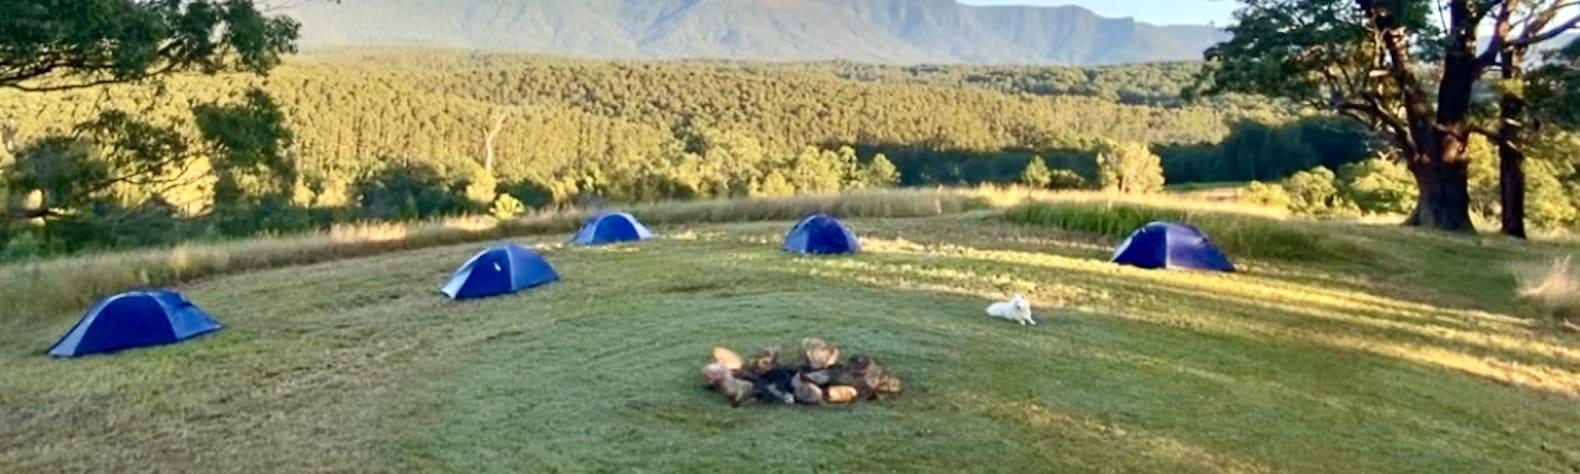 Bulimah Sky Camp, Wollumbin Caldera (Mt Warning)